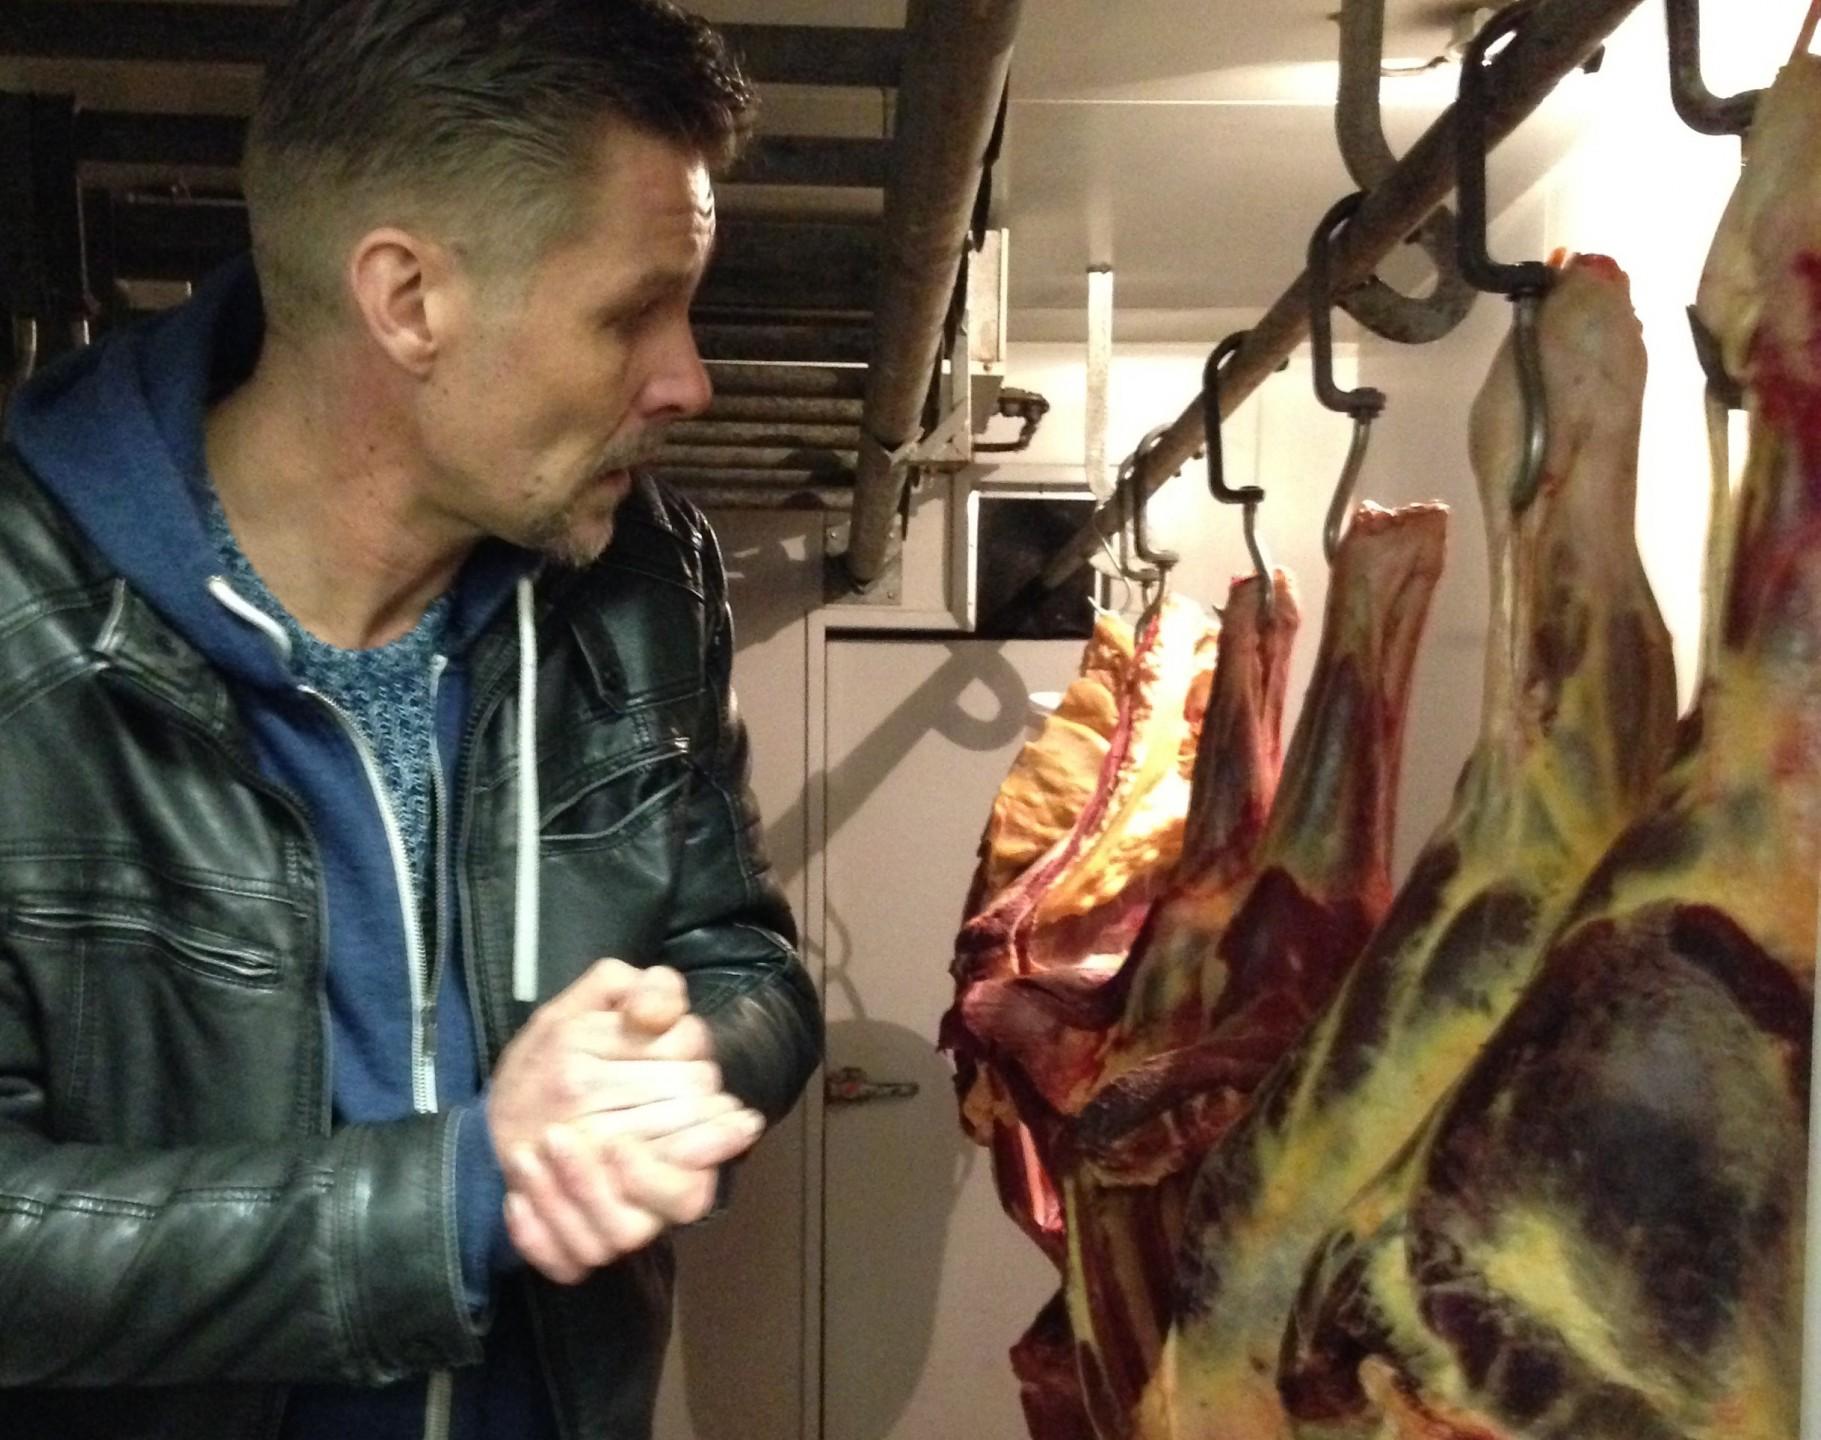 Paardenvlees is een goede bron van eiwitten en volledig biologisch. Red het paard, eet het op